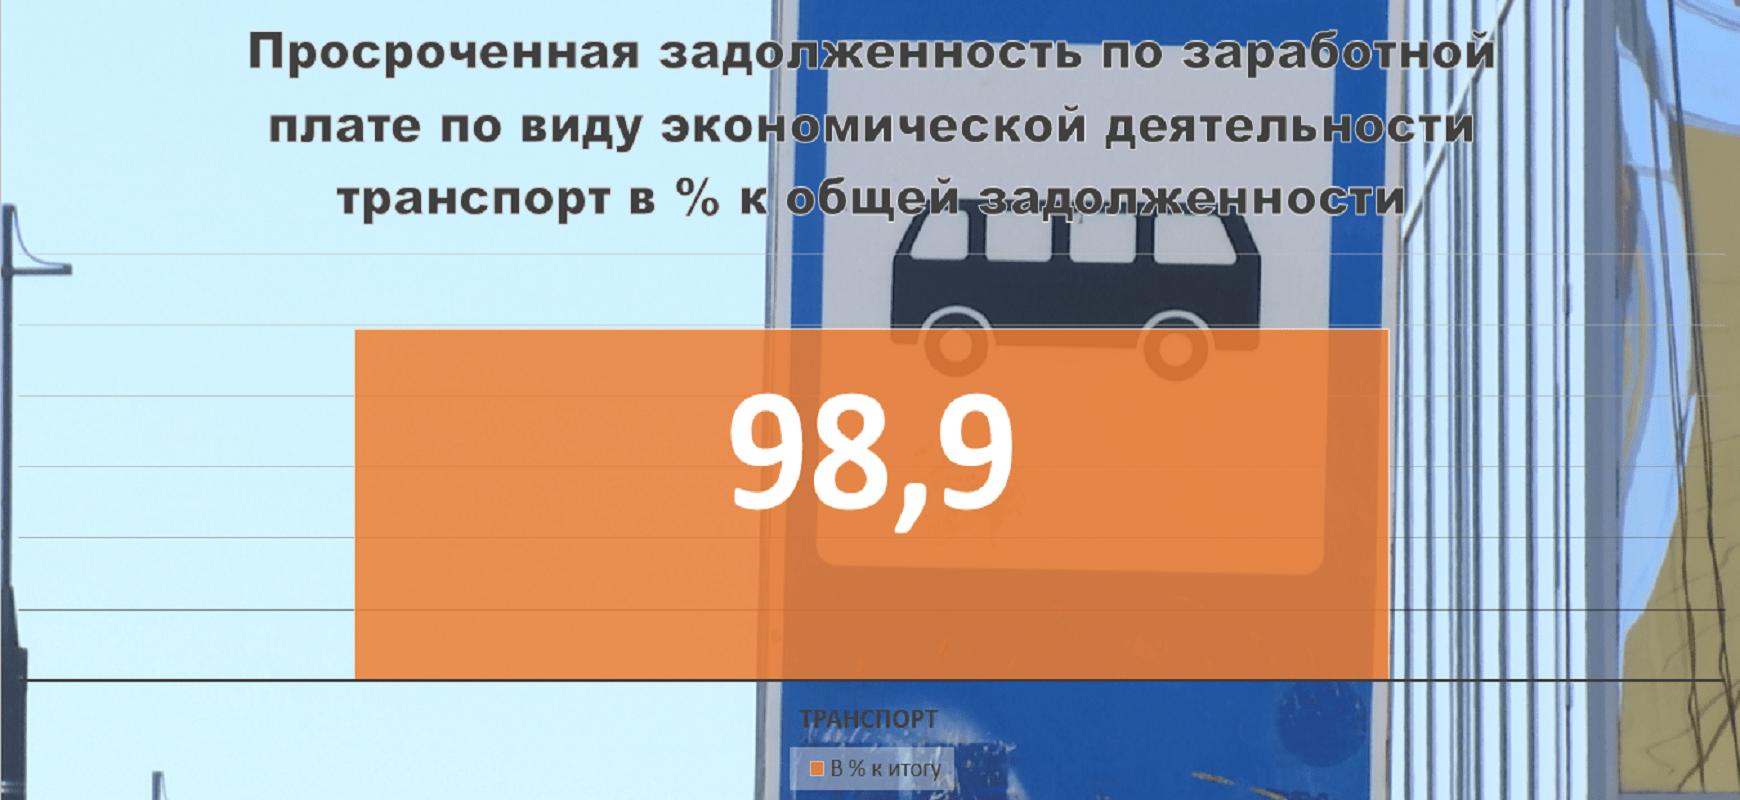 98,9% «зарплатных долгов» Пермского края приходится на «транспорт»